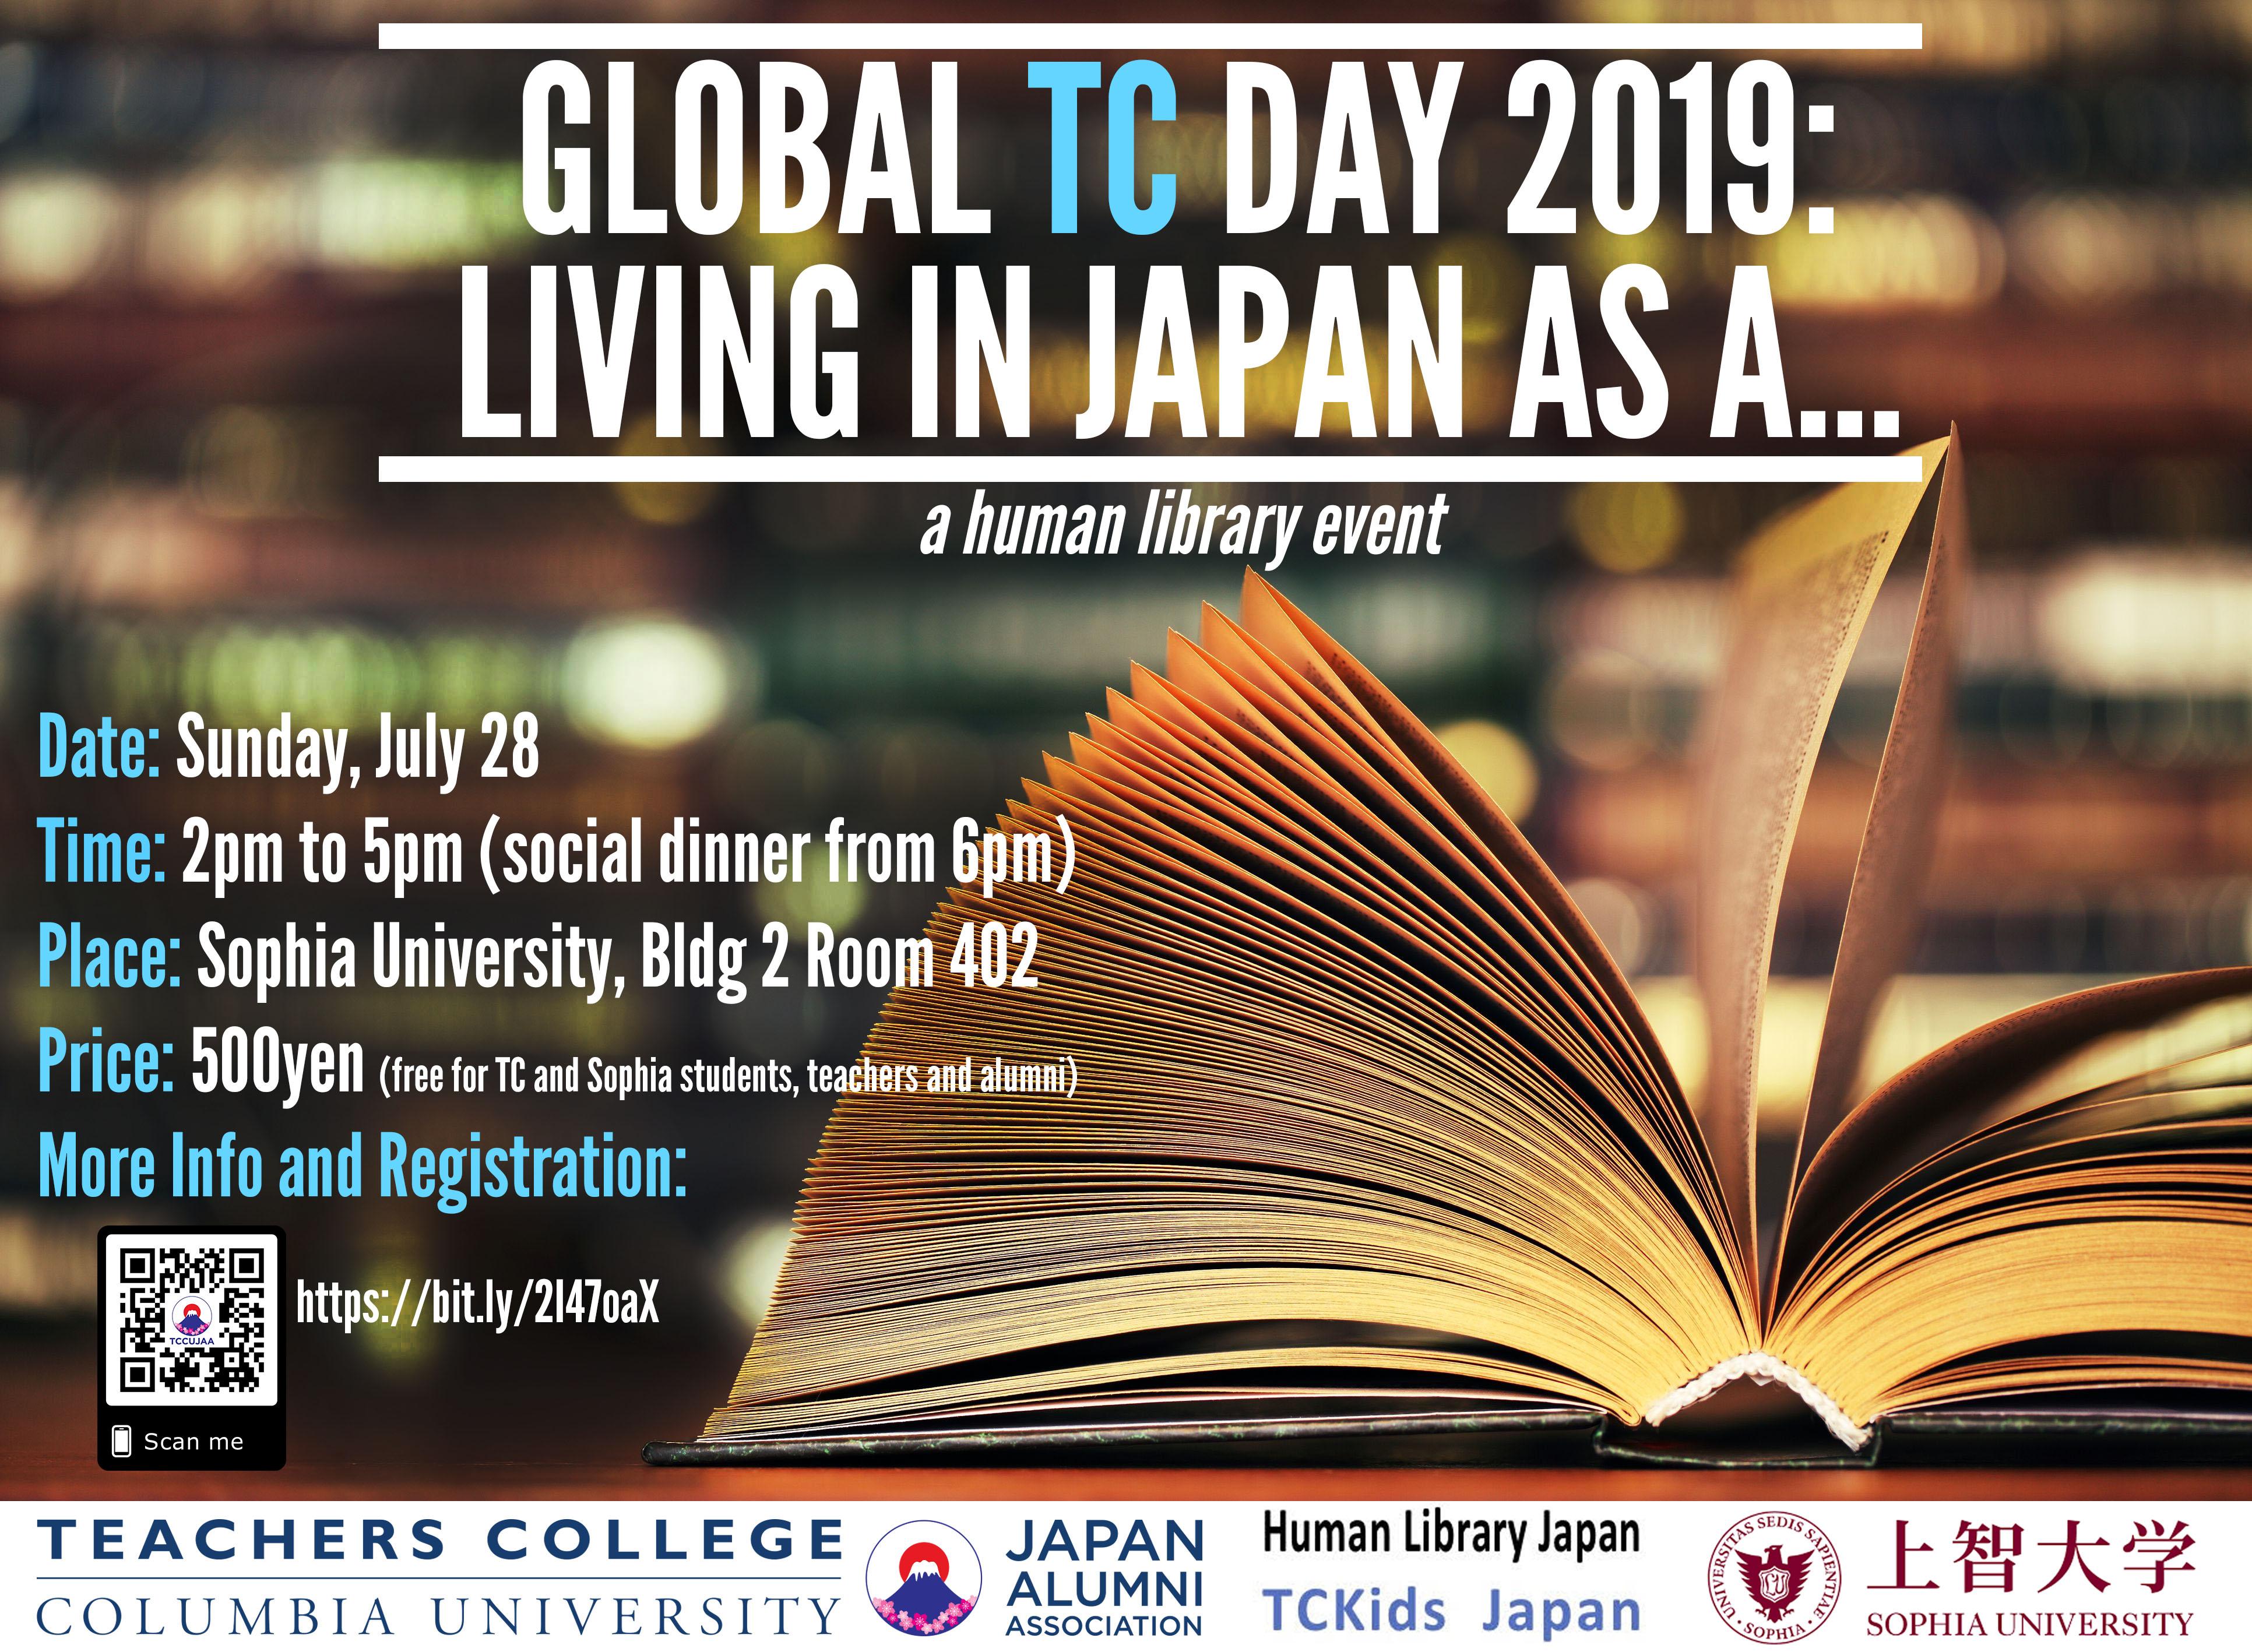 Global_TC_Day_2019.jpg